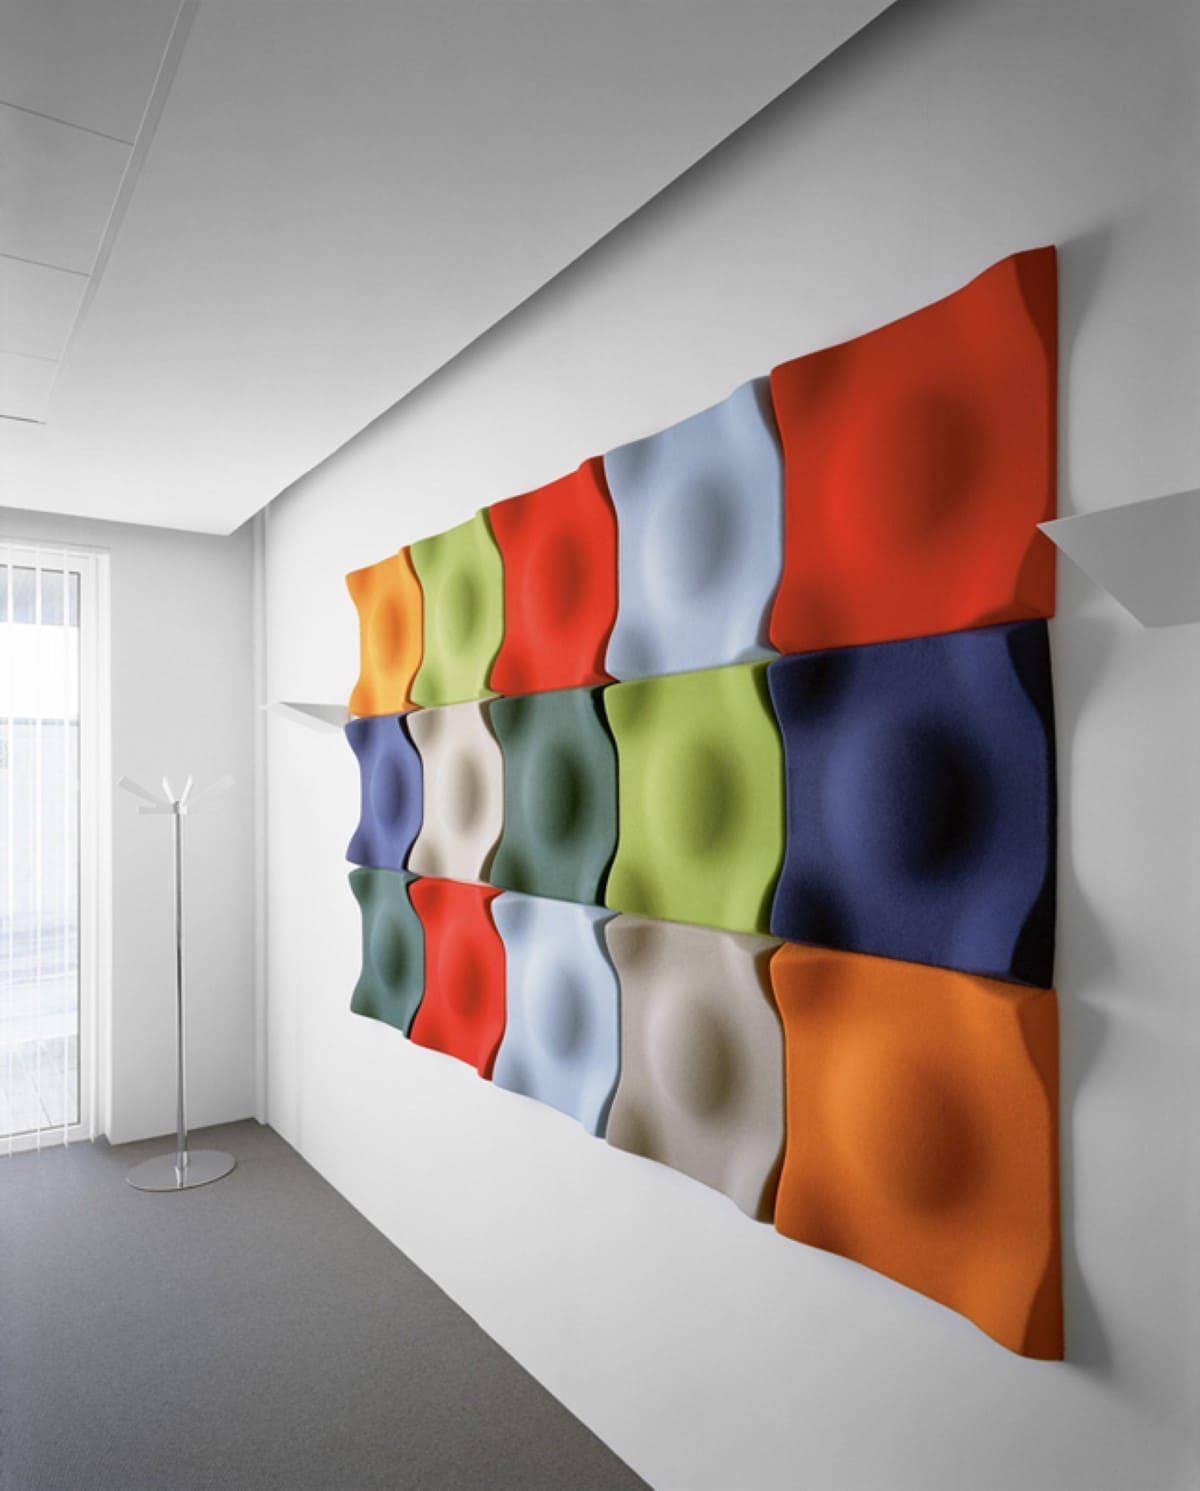 Стильное панно из разноцветных мягких элементов станет ярким колористическим акцентом